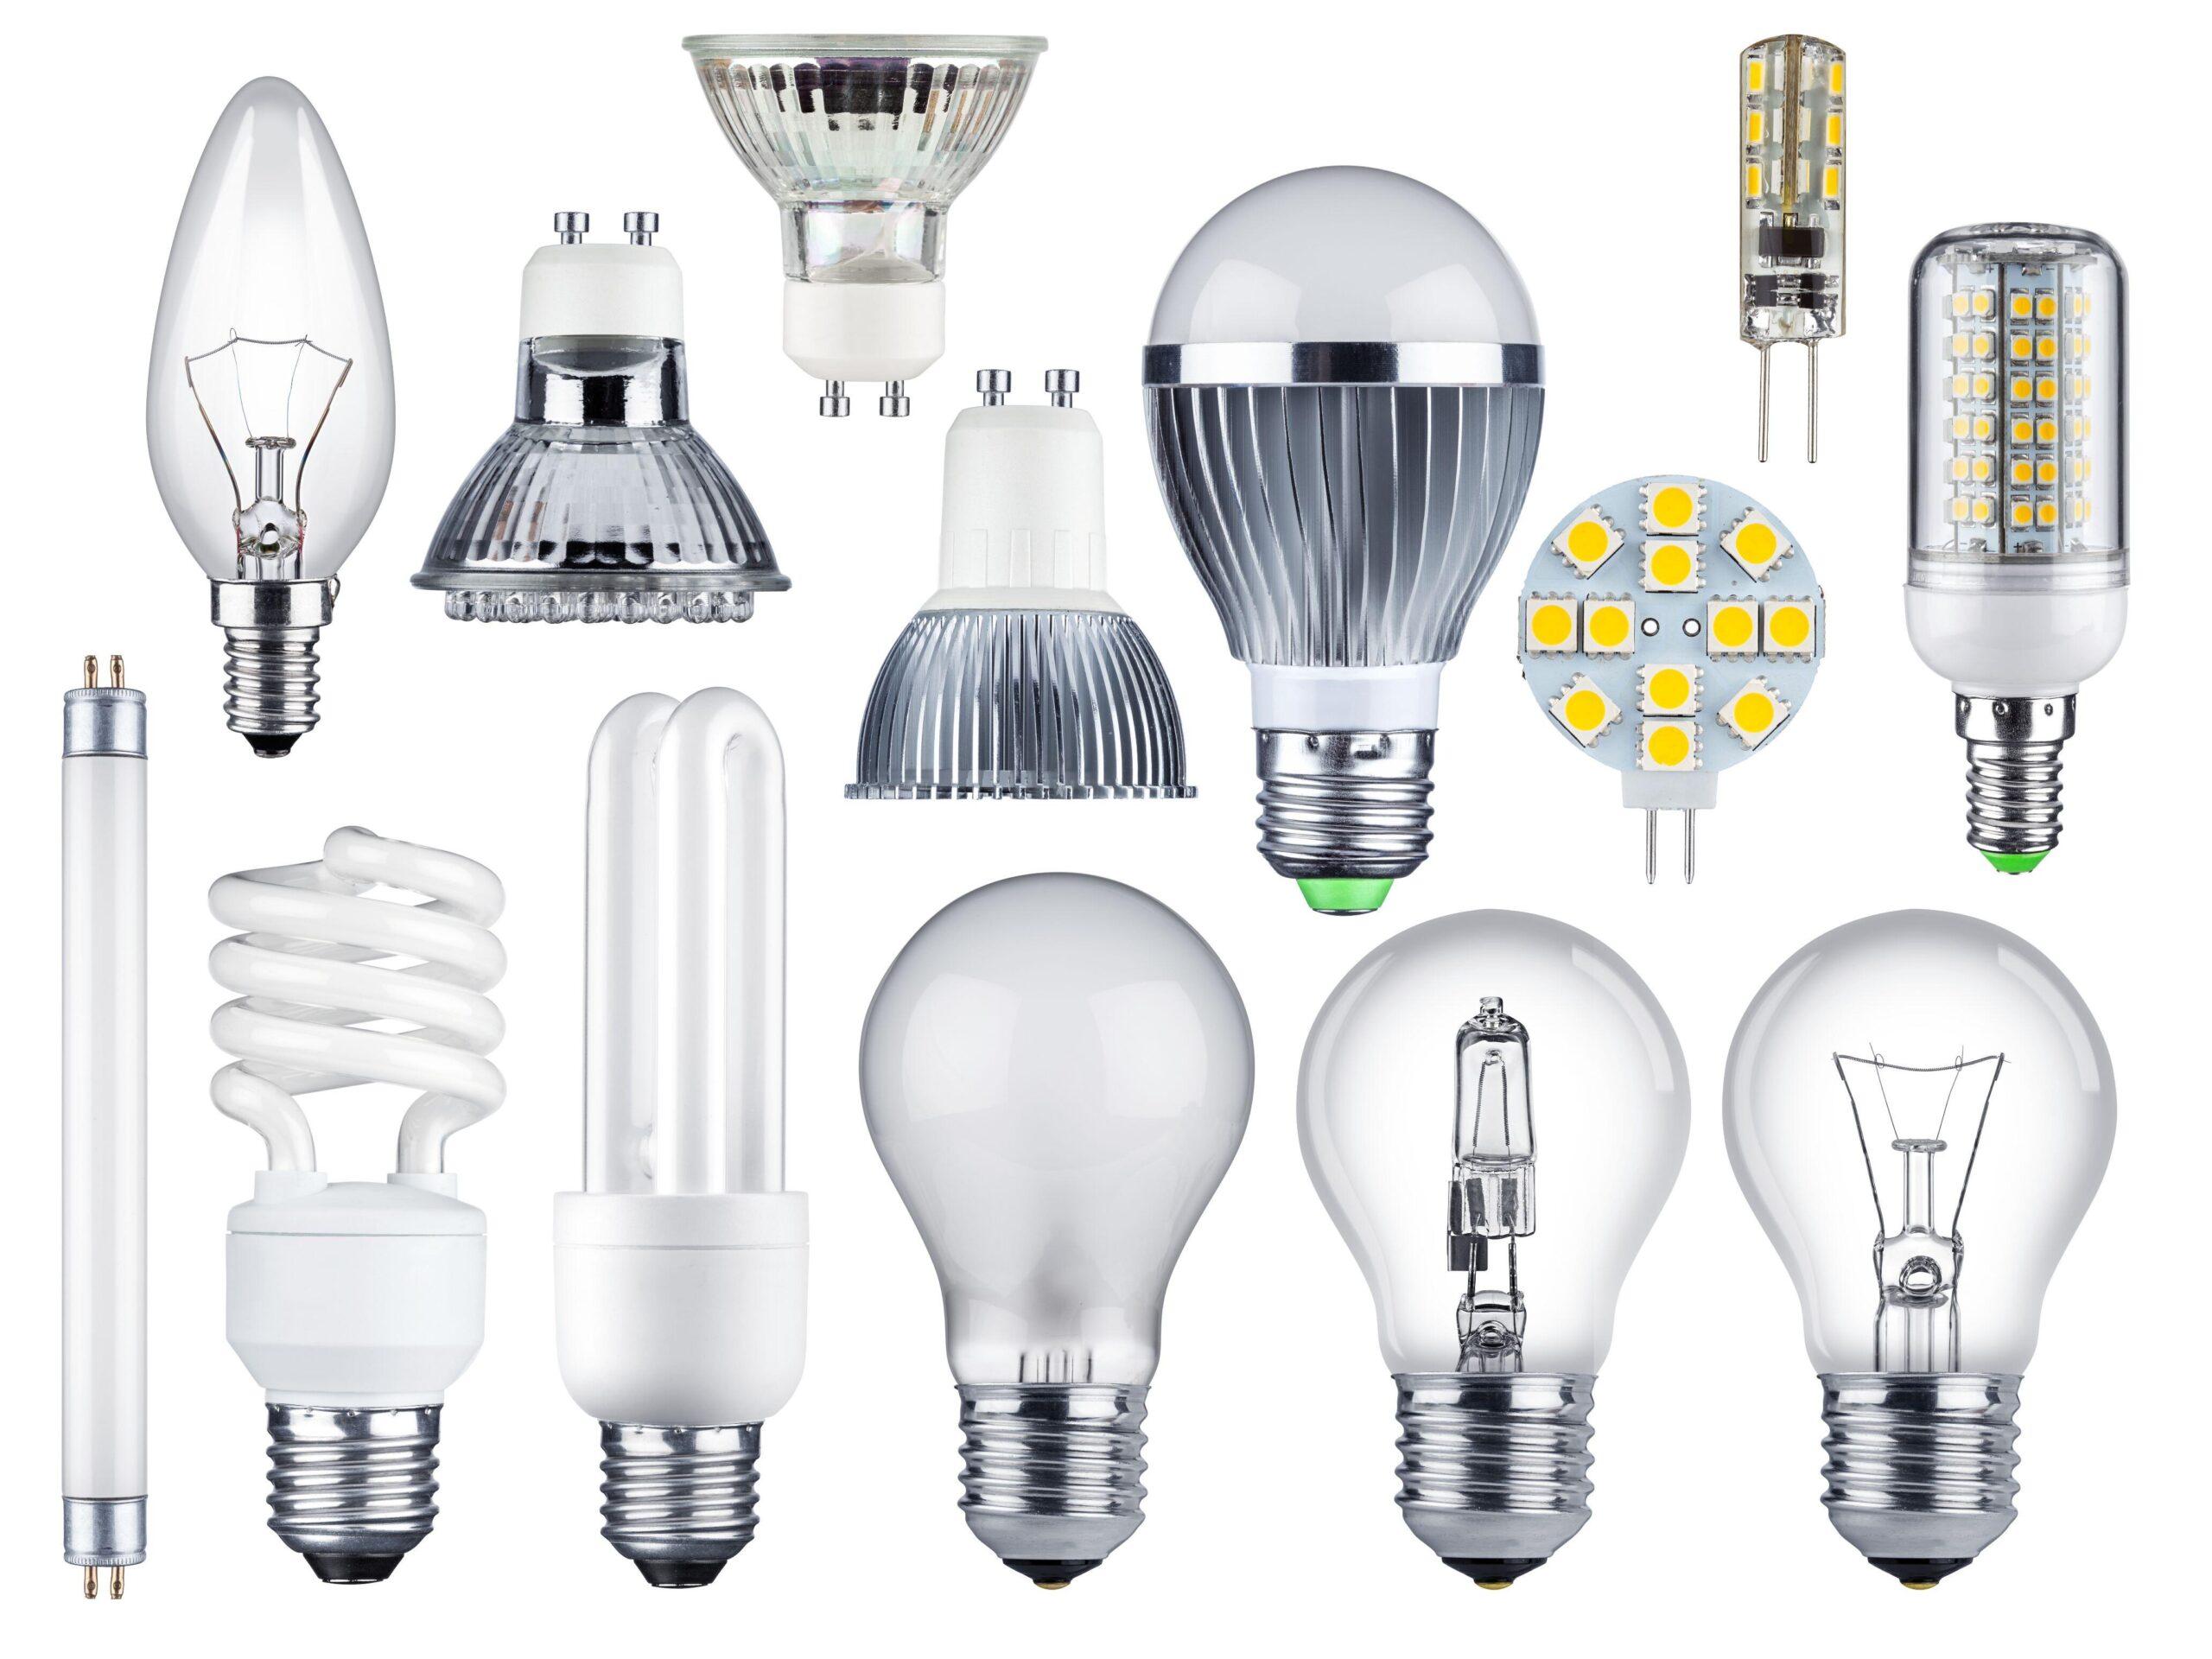 Comment choisir son ampoule GU10 ?